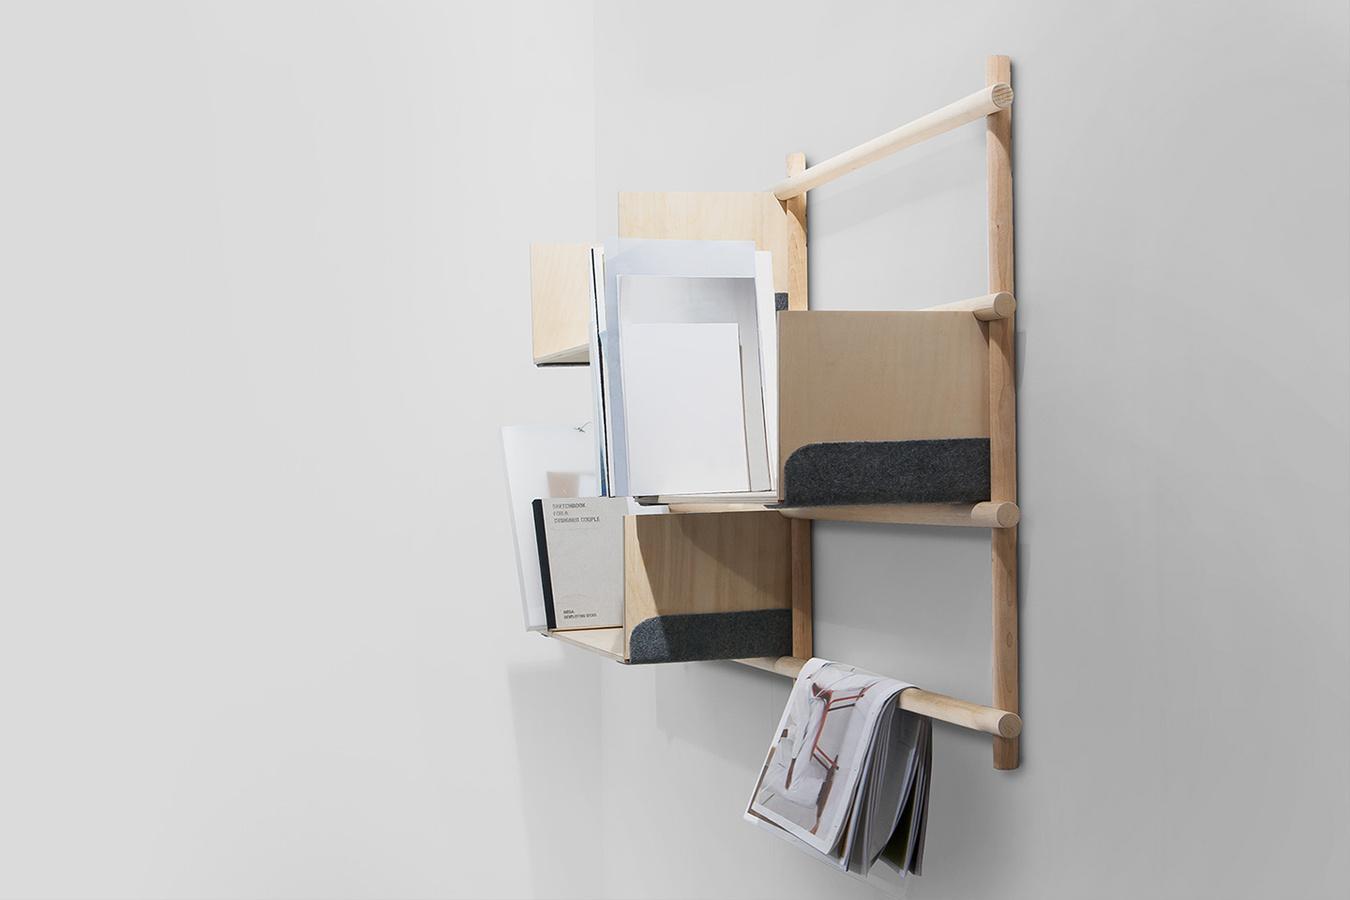 折りたたみ式のフレームワークをつけることにより増設可能な棚「Foldin」5